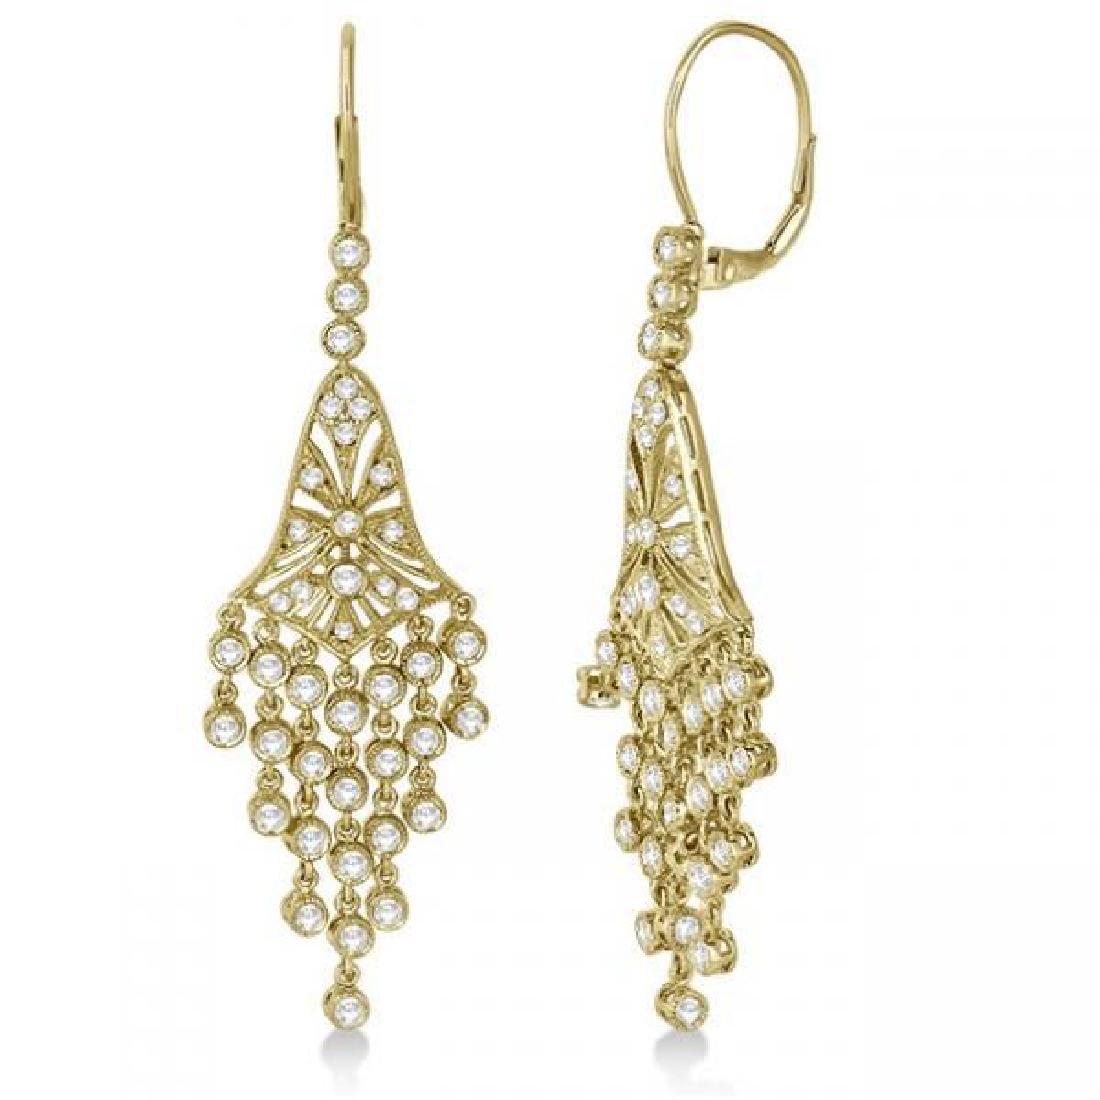 Bezel-Set Dangling Chandelier Diamond Earrings 14K Yell